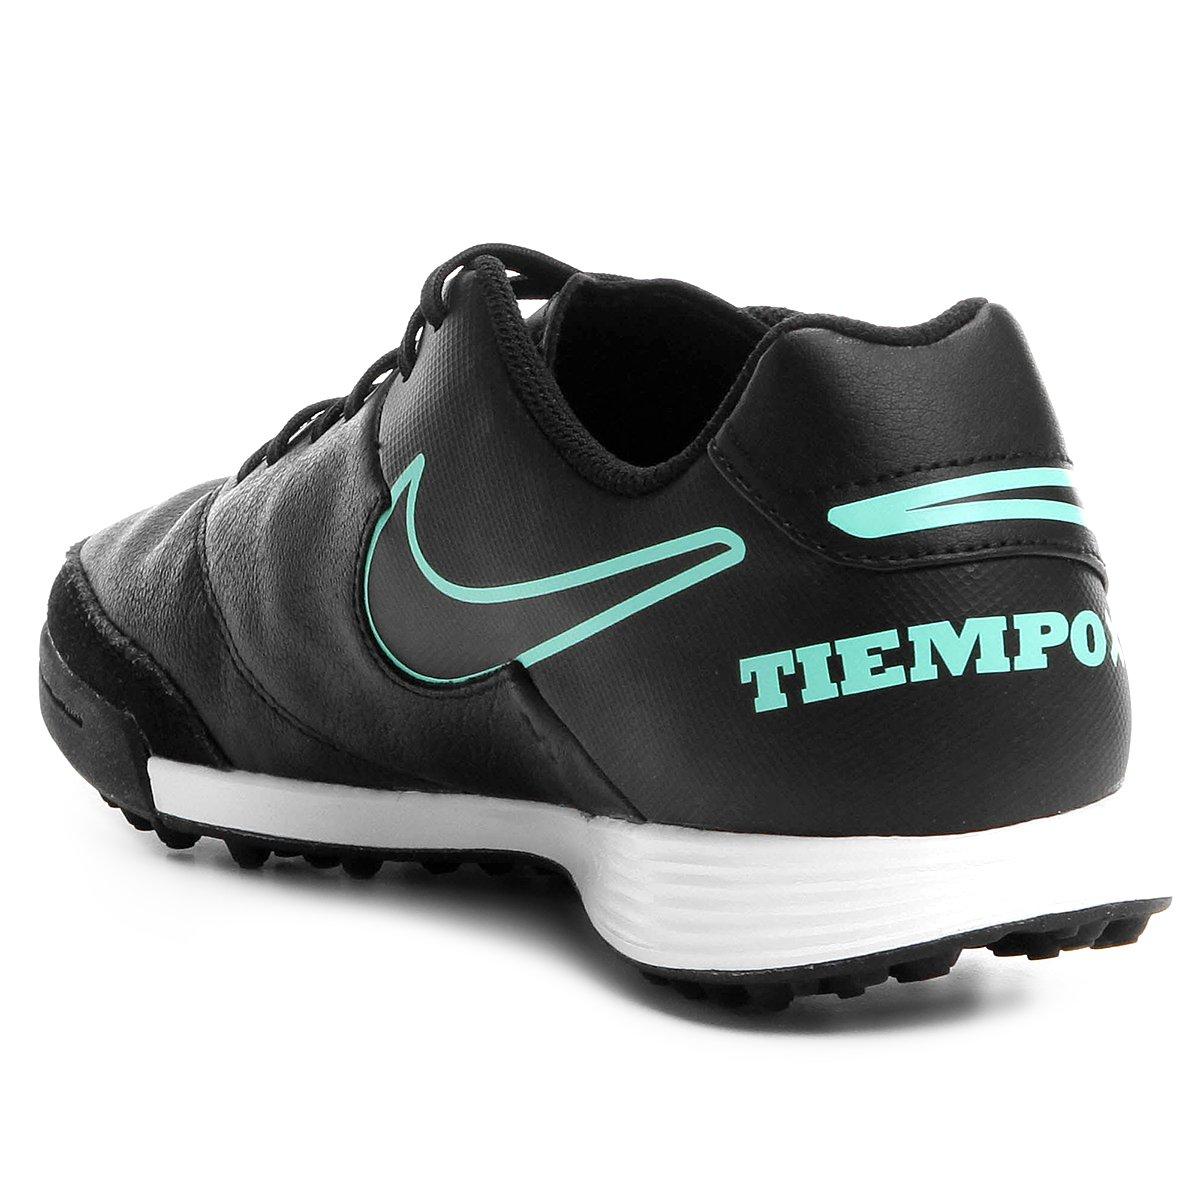 1cc1b7b9e3 Chuteira Society Nike Tiempo Genio 2 Leather TF - Preto - Compre ...